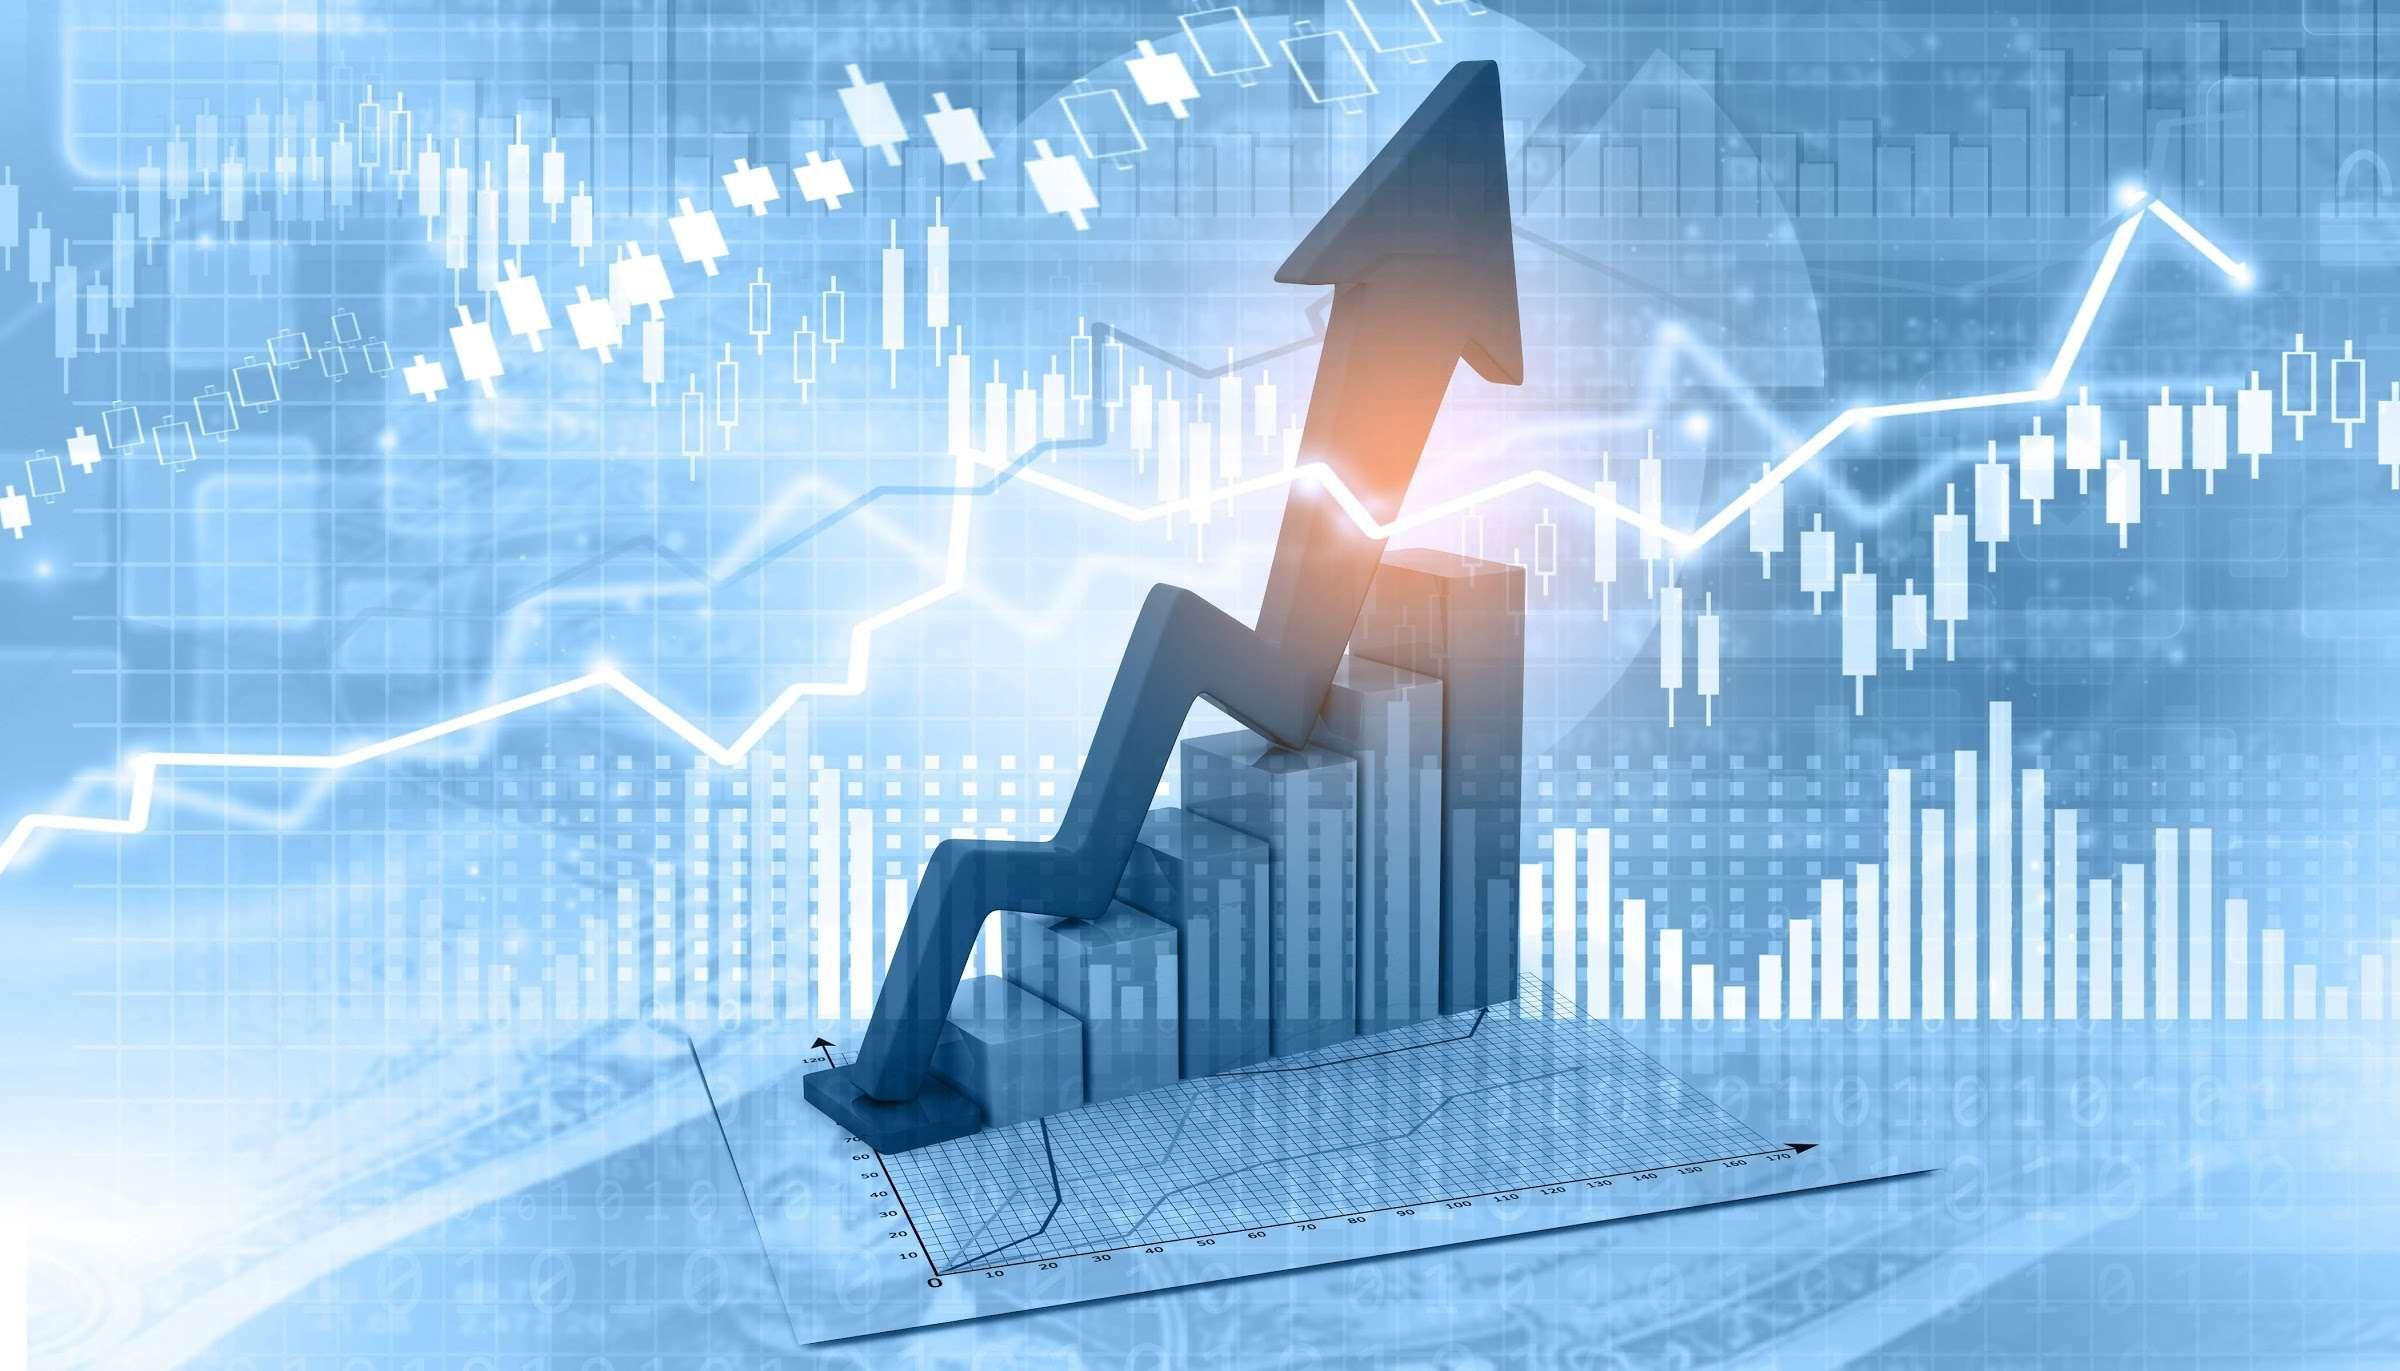 """Septiembre sigue siendo el mes más favorable para comenzar un negocio. Atrás quedó el período estival de relax, una etapa para reflexionar antes de volver a la rutina diaria. Entre los propósitos de cara al nuevo curso, sobre todo para los más inconformistas, es emprender y comenzar un negocio, en uno de los meses más activos para llevarlo a cabo. Según datos del INE, Instituto Nacional de Estadística, el número de empresas creadas en septiembre del pasado año supuso un 10,5% más que el mismo mes de 2016, lo que se espera que para este año siga en la misma línea ascendente. De igual modo, fue también un porcentaje en torno al 15% de empresas que desaparecieron. En este sentido, iniciar la actividad en este mes cuando se reactiva el movimiento laboral tiene una serie de ventajas, como pueden ser acogerse a las diferentes medidas económicas que entrarán en vigor. Desde Avecenter destacan la actividad que se está produciendo de cara a septiembre después del parón de los meses estivales en los que la actividad laboral decrece. """"Estamos contactando con posibles clientes que nos preguntan por nuestras oficinas y despachos para iniciar su trabajo el próximo mes. Hemos visto como, después del parón de cara al verano, los clientes empiezan a retomar la actividad"""", destaca Martín Polo, director de Avecenter. Autónomos y pequeñas empresas que vuelven a retomar su actividad o comienzan de nuevas su negocio, tienen que tener en cuenta una serie de costes, invertir en servicios, alquilar una oficina etc. que deberían preverse anteriormente. Y es que, de media se destinan unos 18.000 euros a empresas de nueva creación, en el que además de una buena idea, es necesaria una financiación inicial para que el negocio empiece a rodar. Es importante destacar que al momento de iniciar un negocio contar con una oficina física, aunque sea por días u horas, mejora la imagen de marca y otorga credibilidad. Por ello, Avecenter ofrece estas modalidades de alquiler que permiten contar con un espa"""